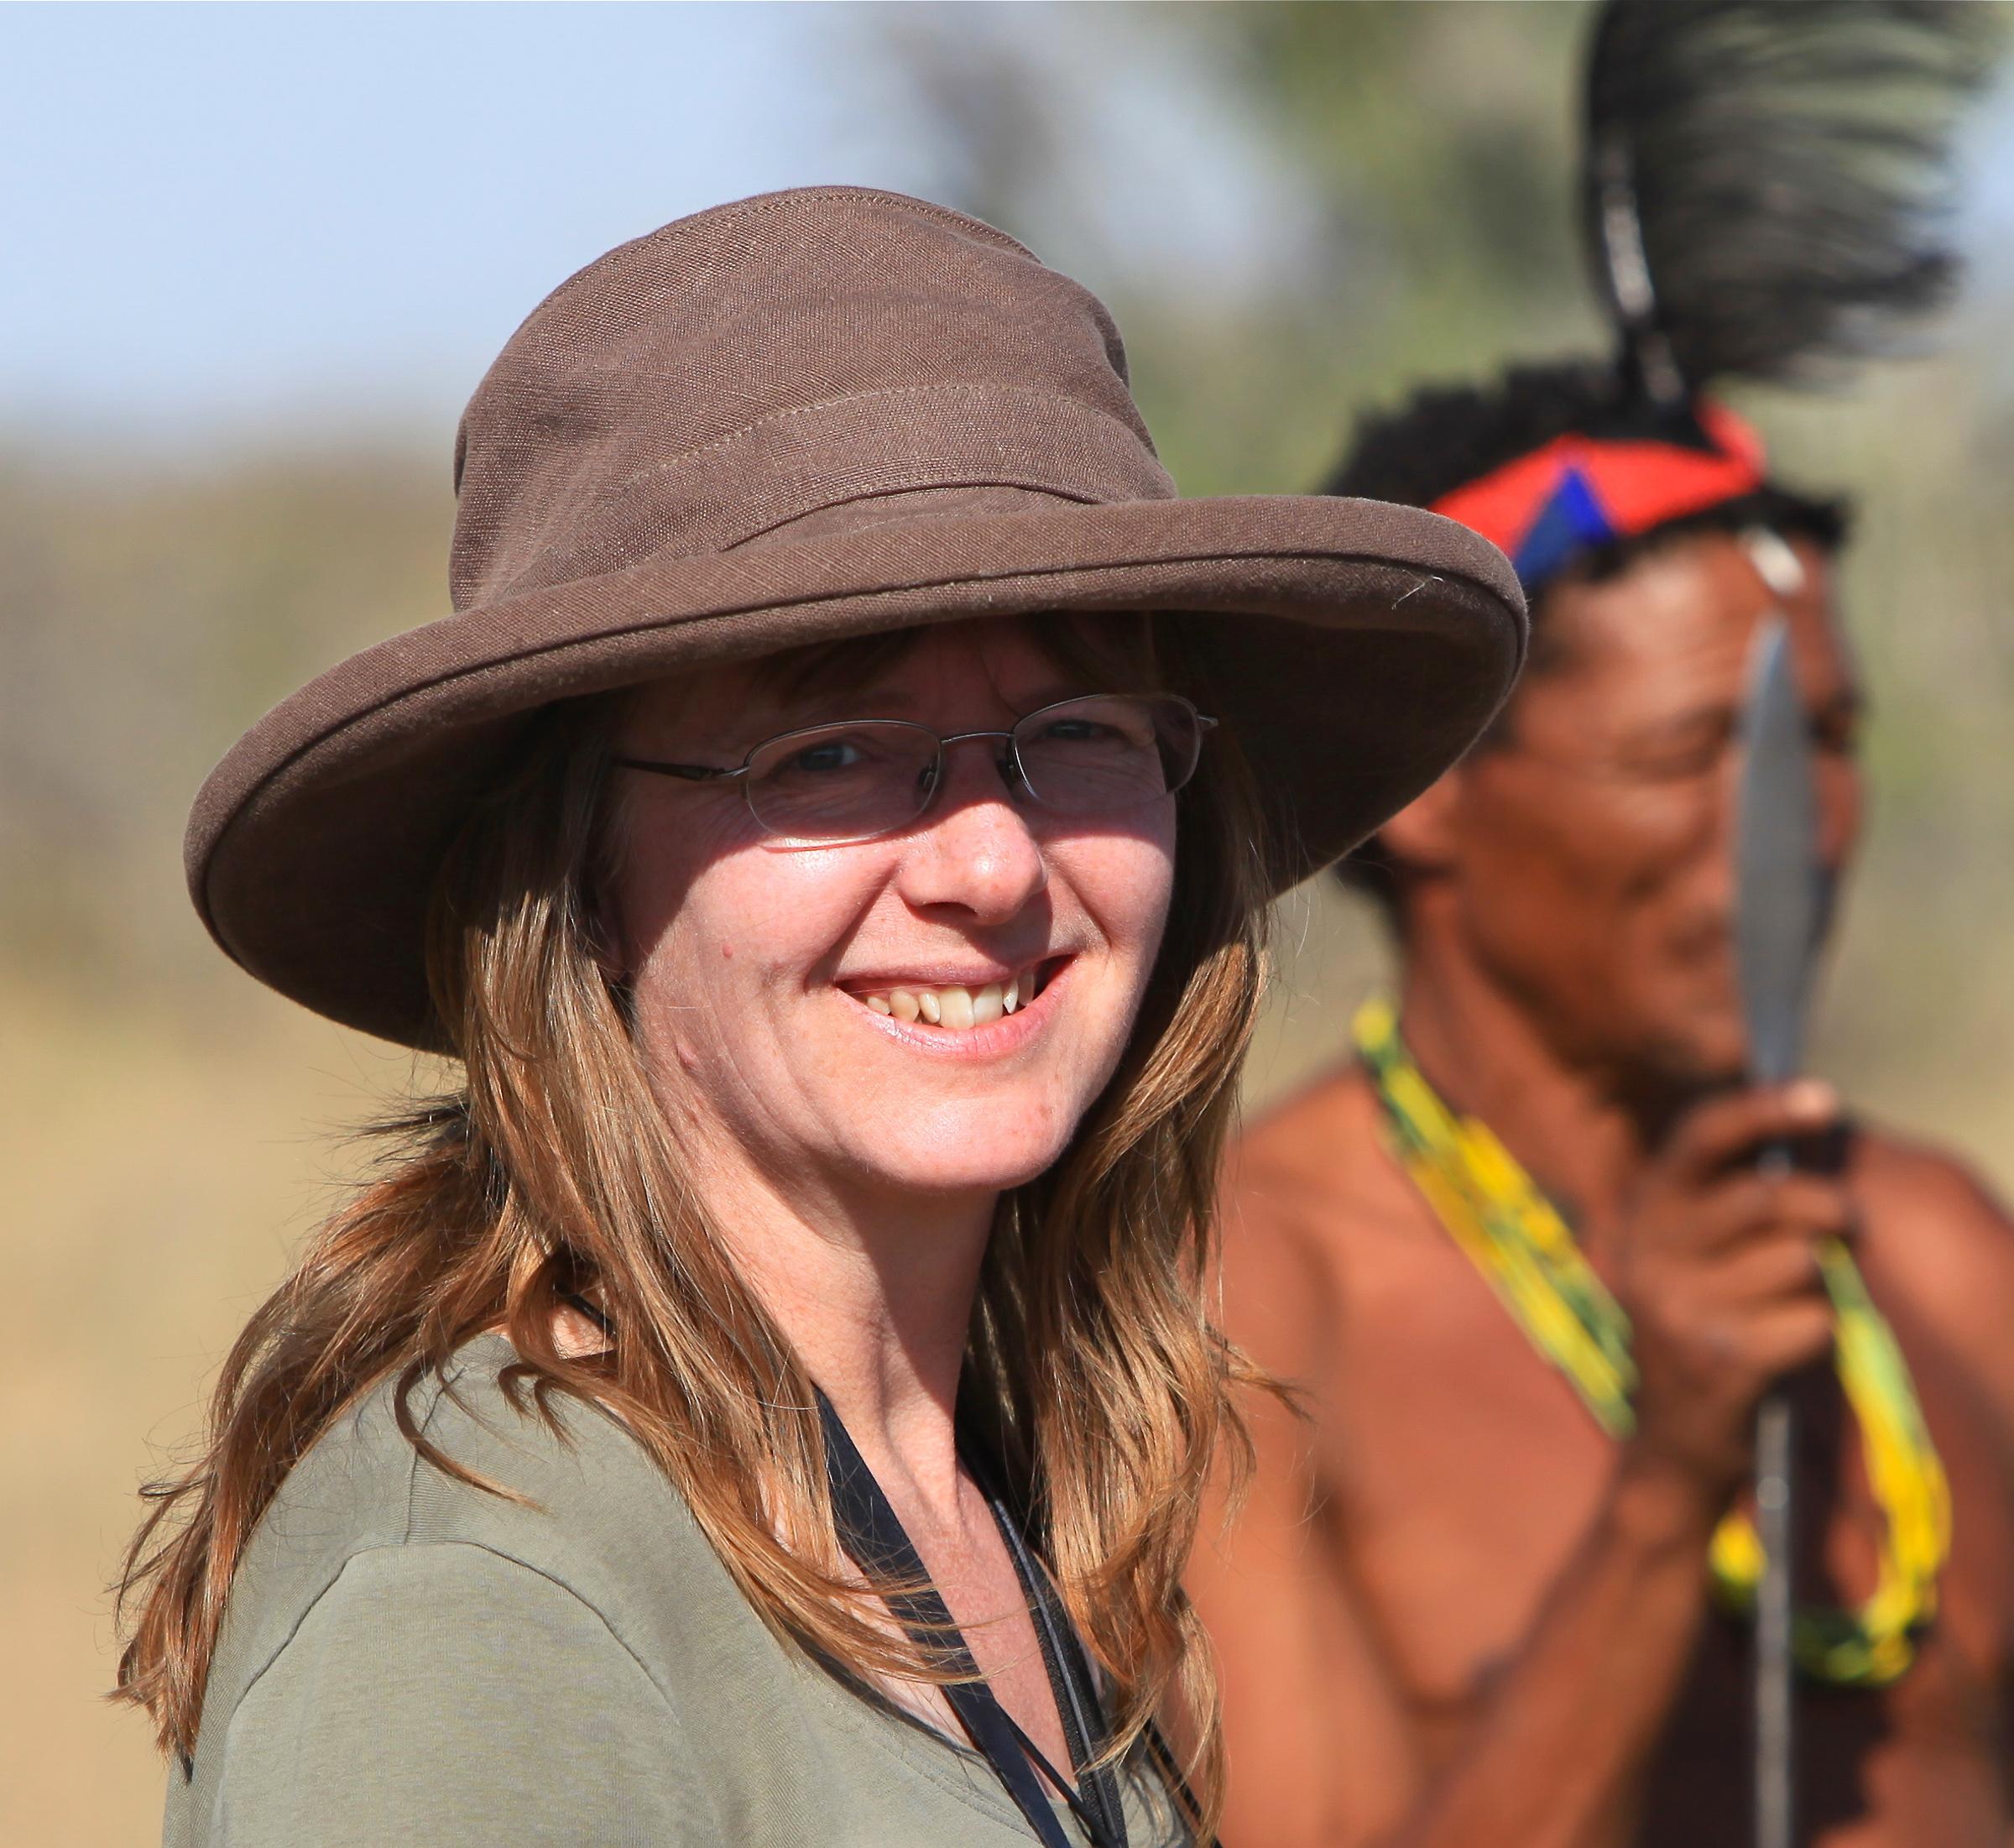 Amanda-Botswana-May-2012